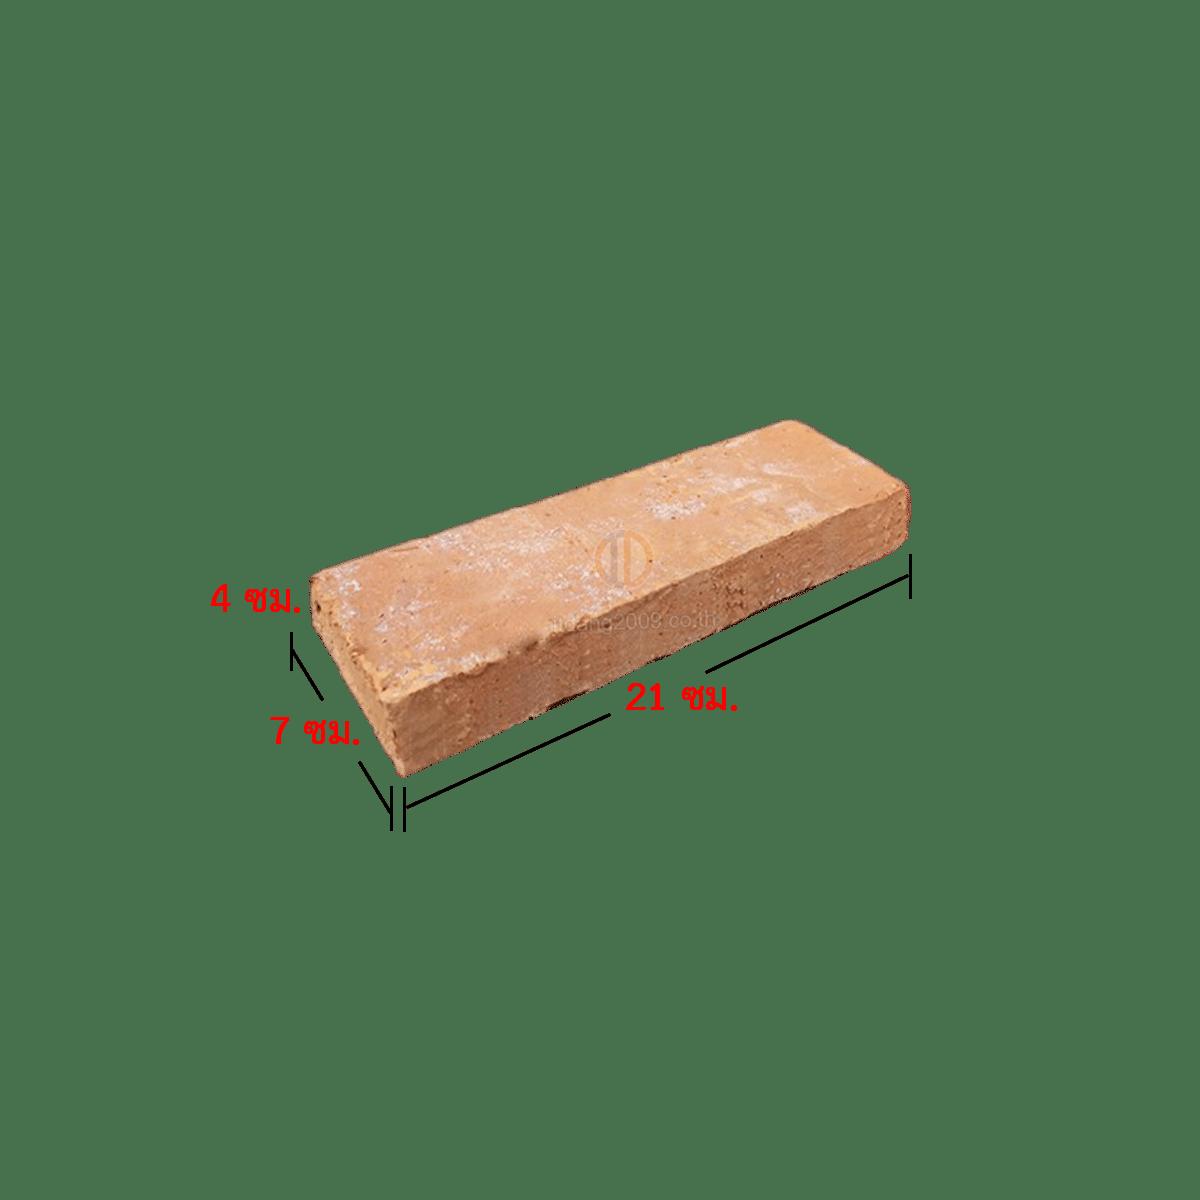 206 อิฐโบราณ 06 (เผาแกลบ) ขนาด 4x7x21 ซม.